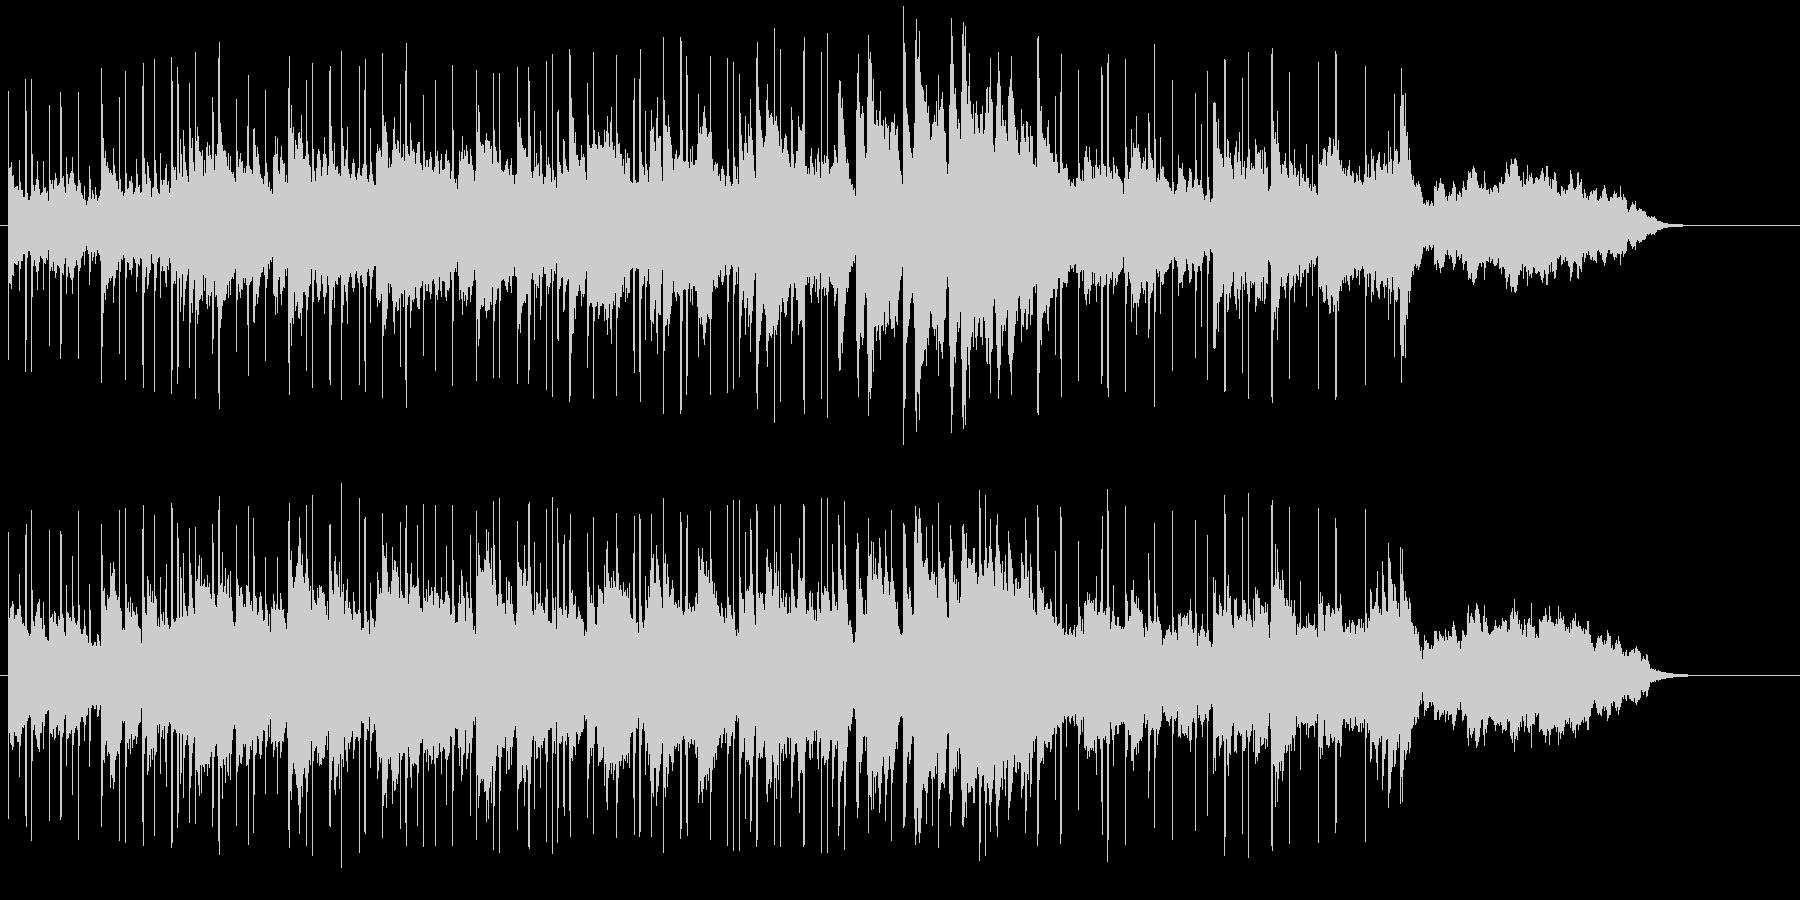 ハーバーが似合うロマンチックな音楽の未再生の波形